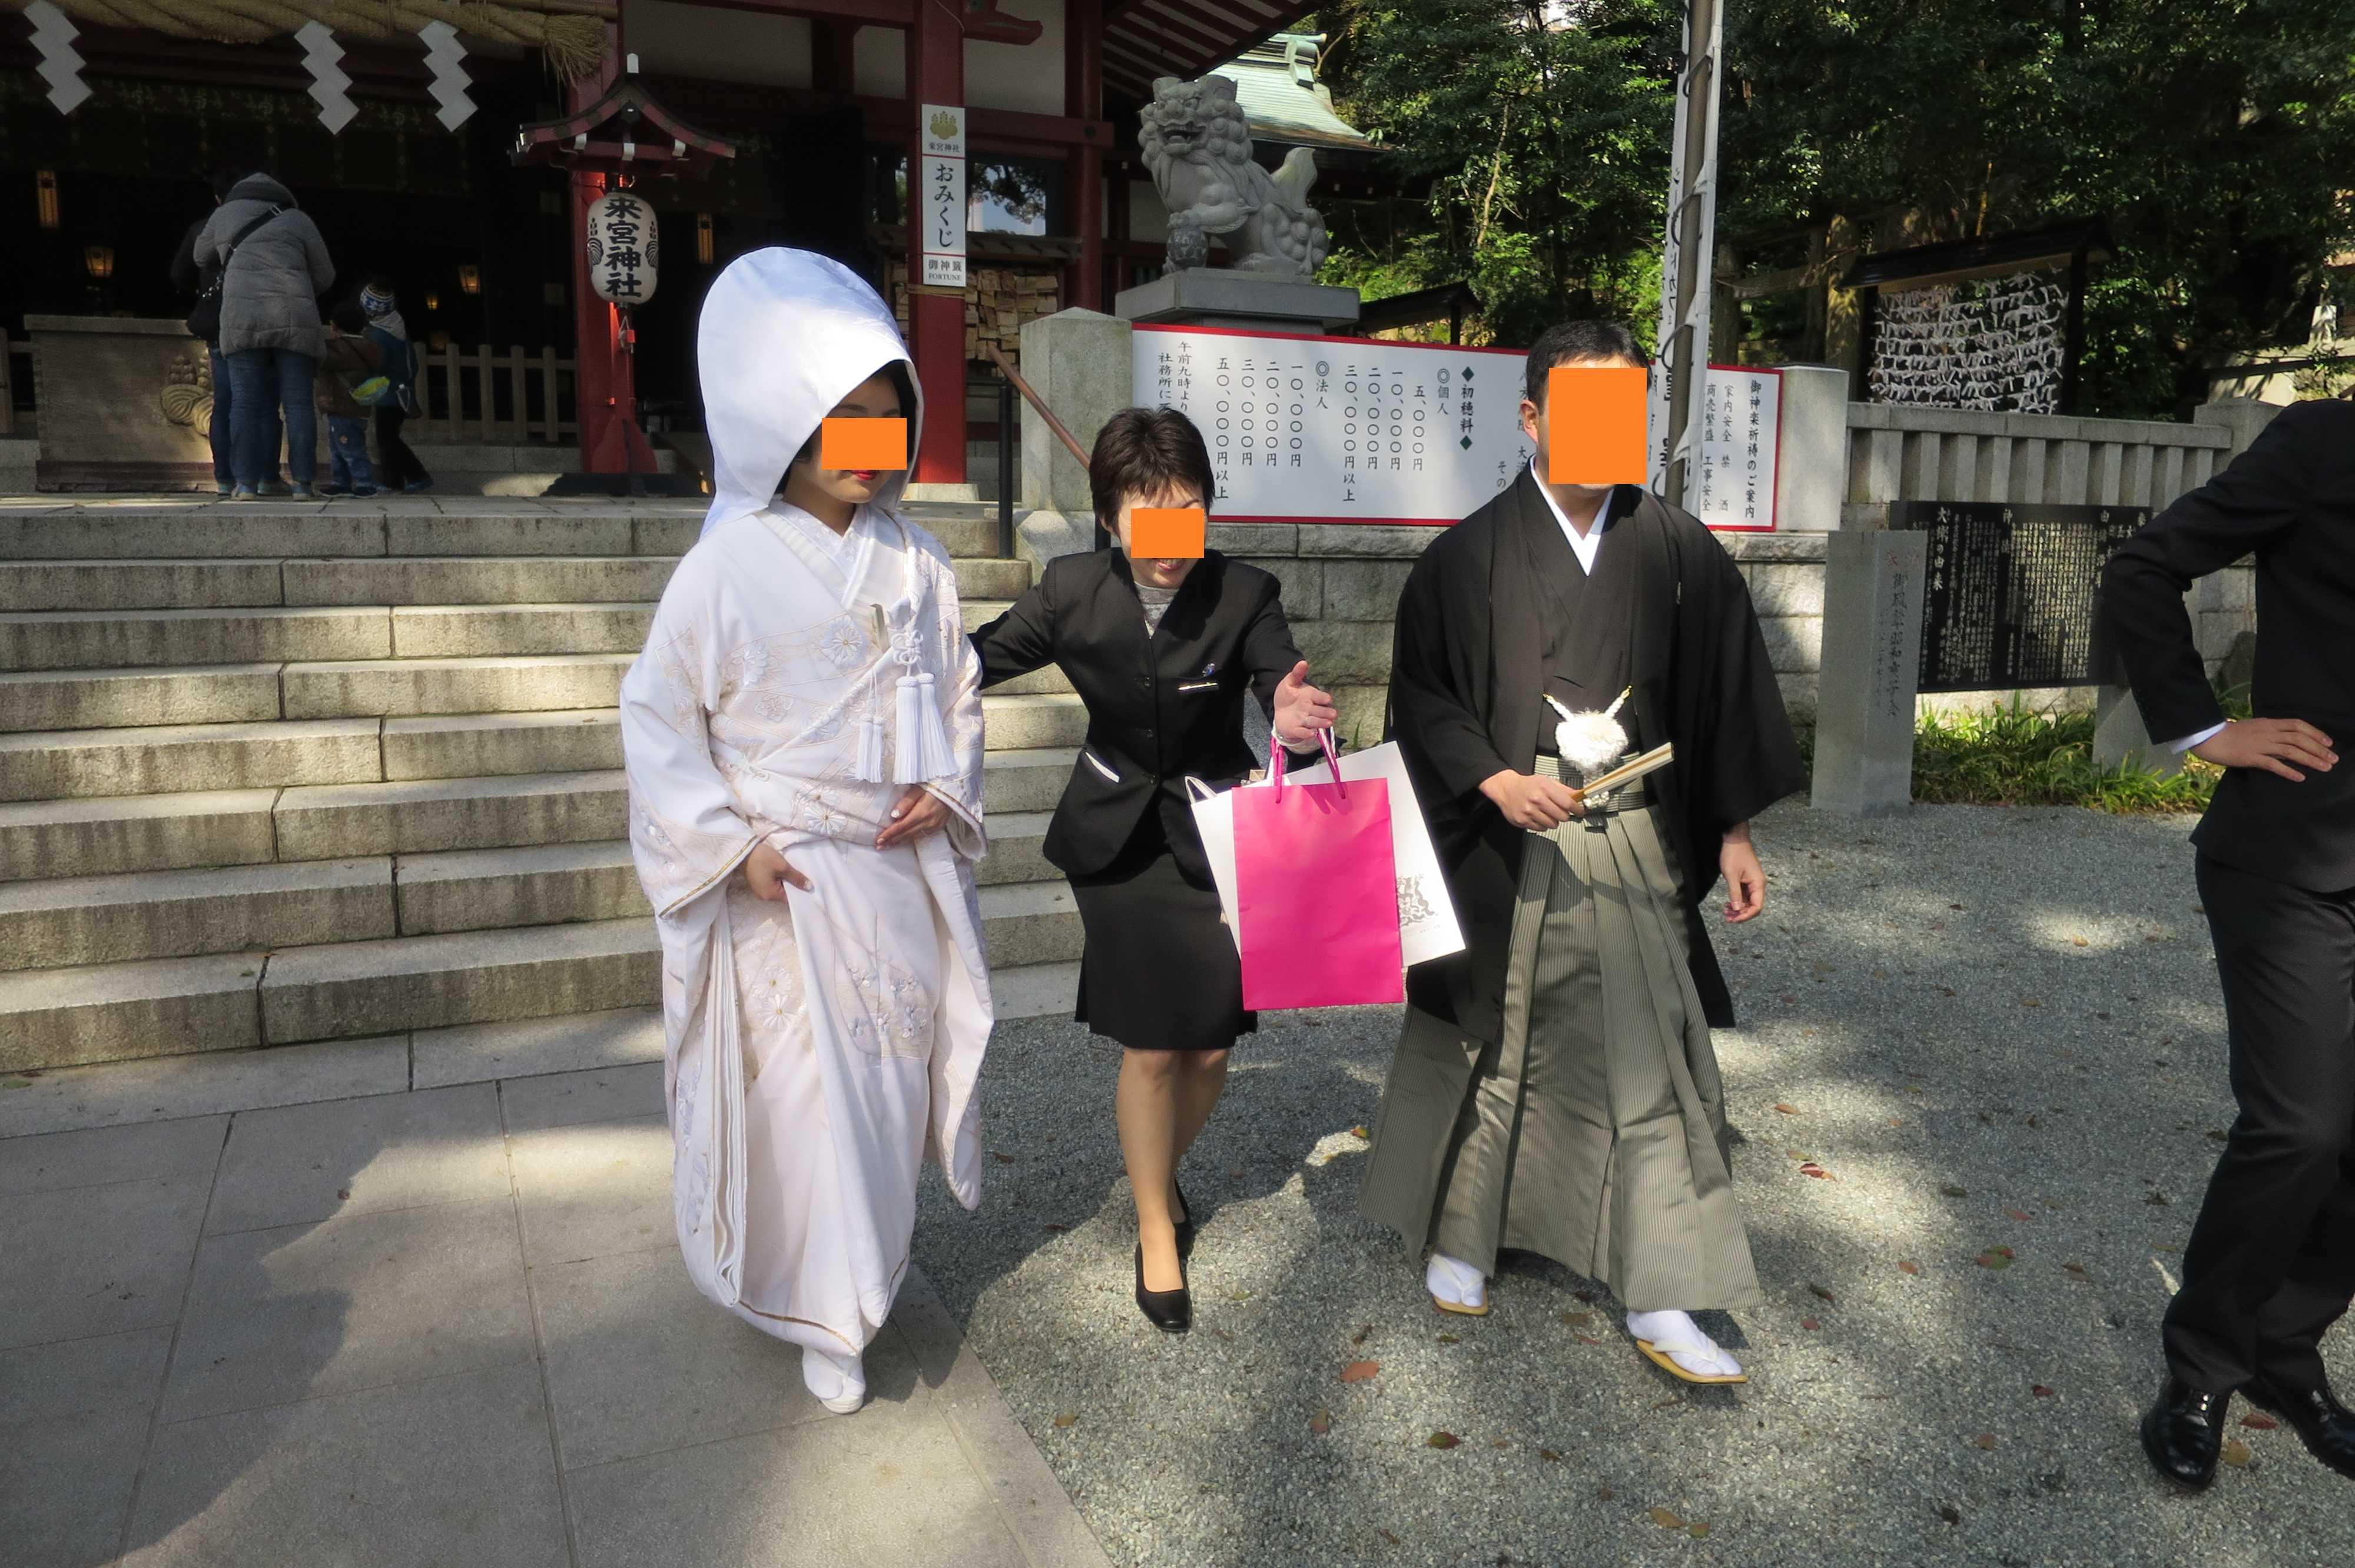 熱海・来宮神社 - 白無垢花嫁衣装